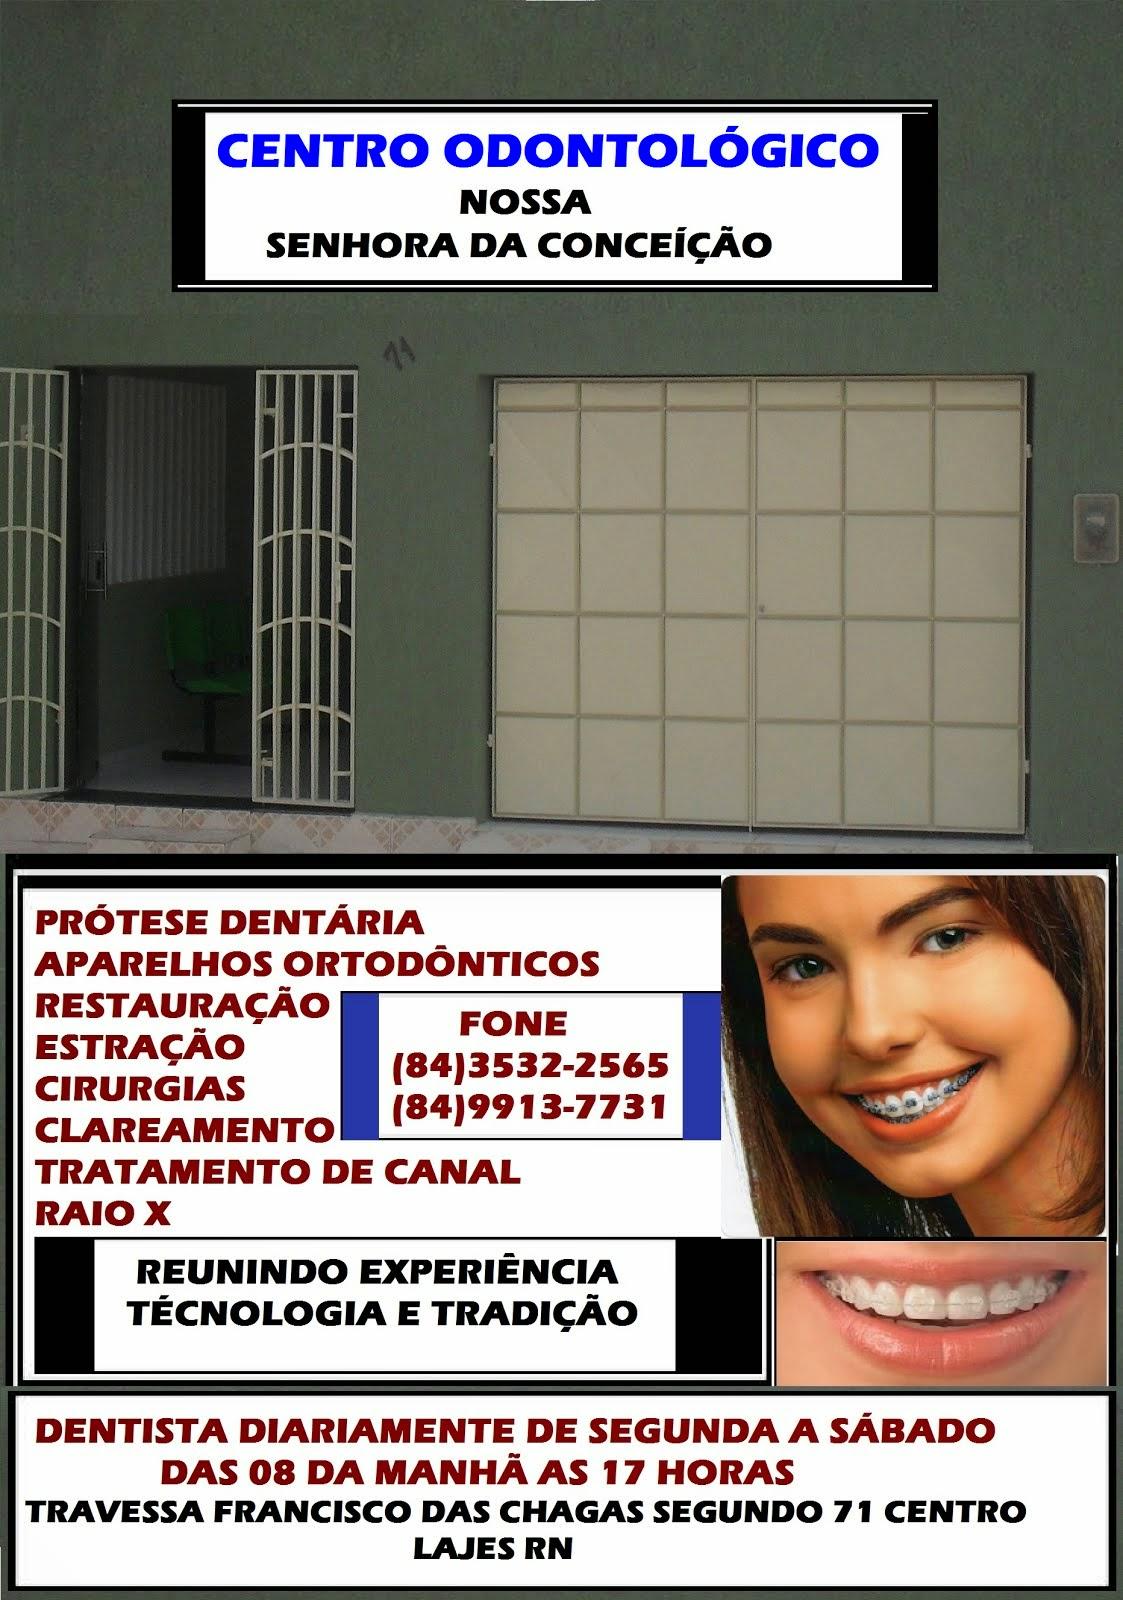 CENTRO ODONTOLÓGICO NOSSA SENHORA DA CONCEIÇÃO LAJES RN